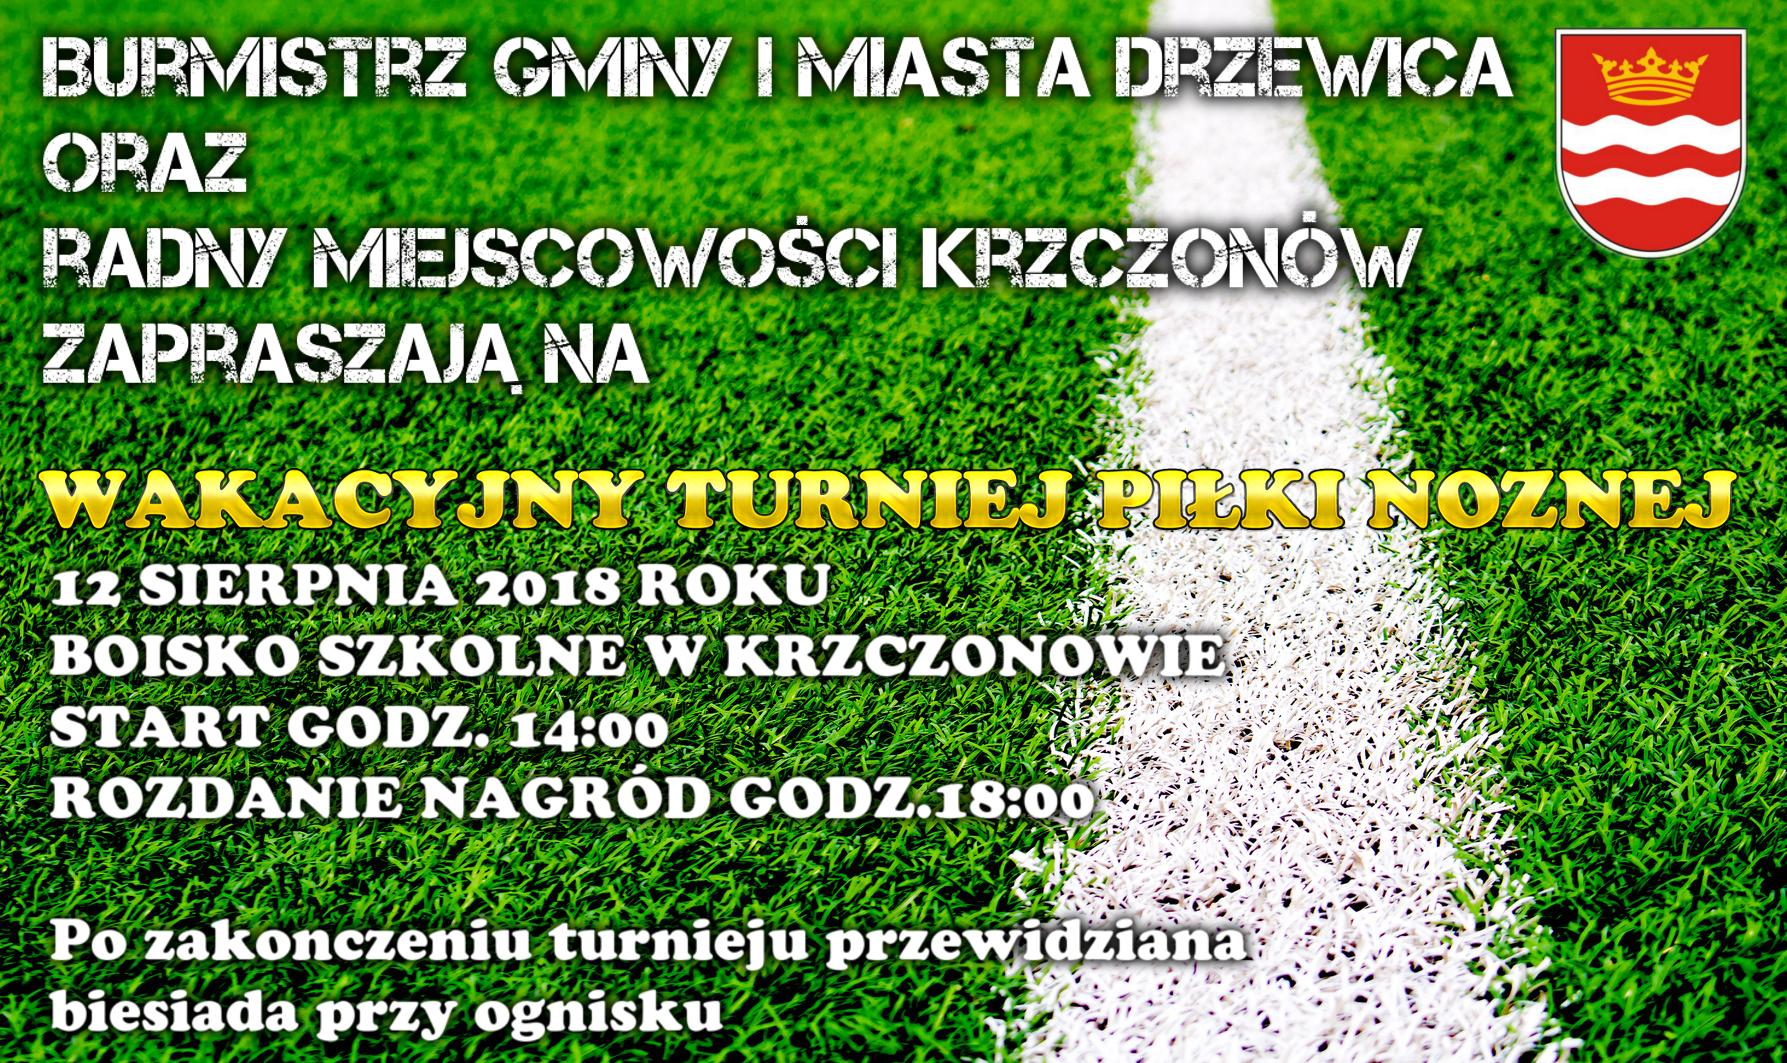 Turniej Piłki Nożnej w Krzczonowie